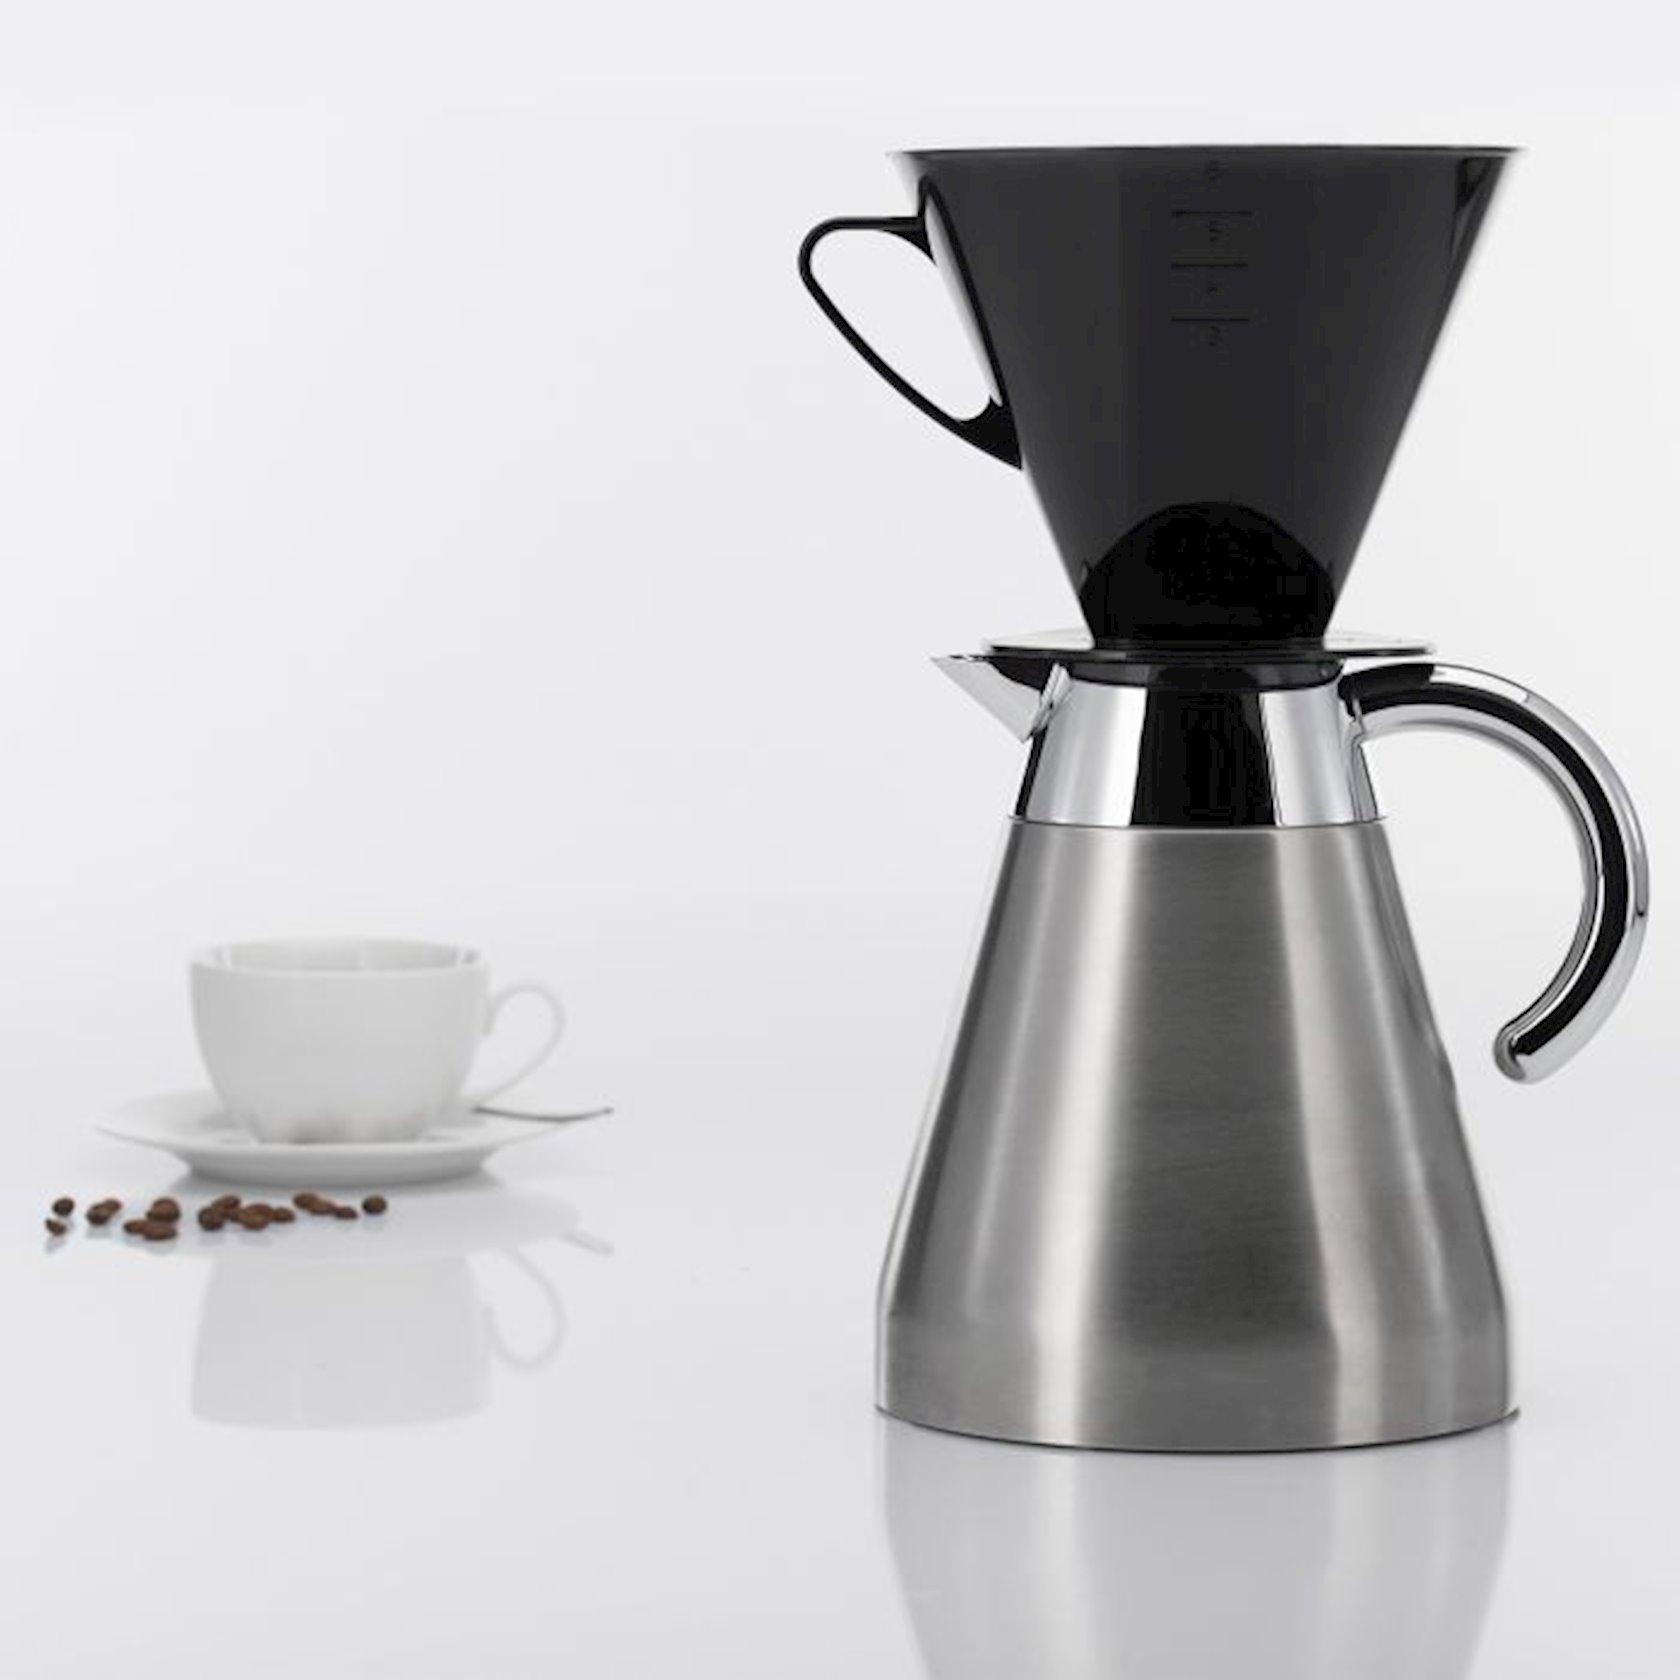 Kofe üçün filtr Westmark, 6 fincan üçün, qara